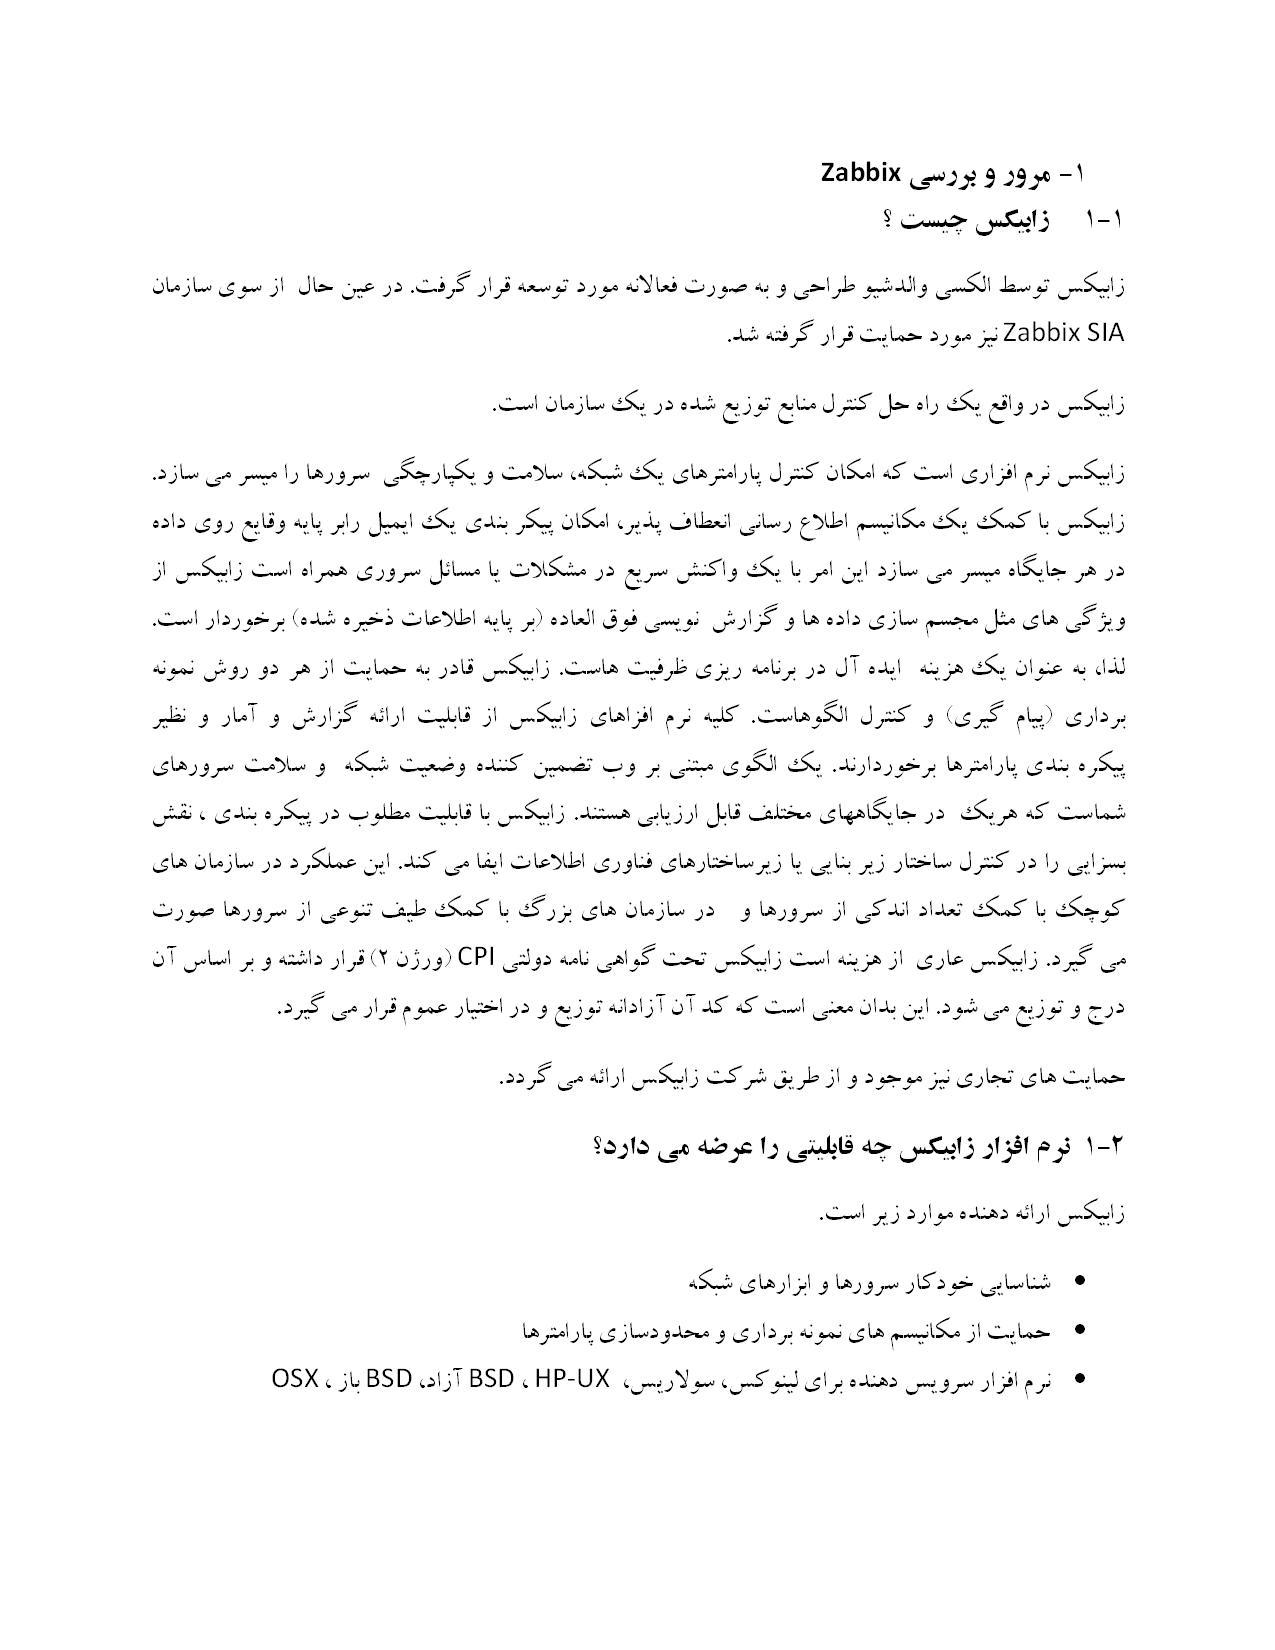 ترجمه مقاله و تحقیق - مرور و بررسی Zabbix